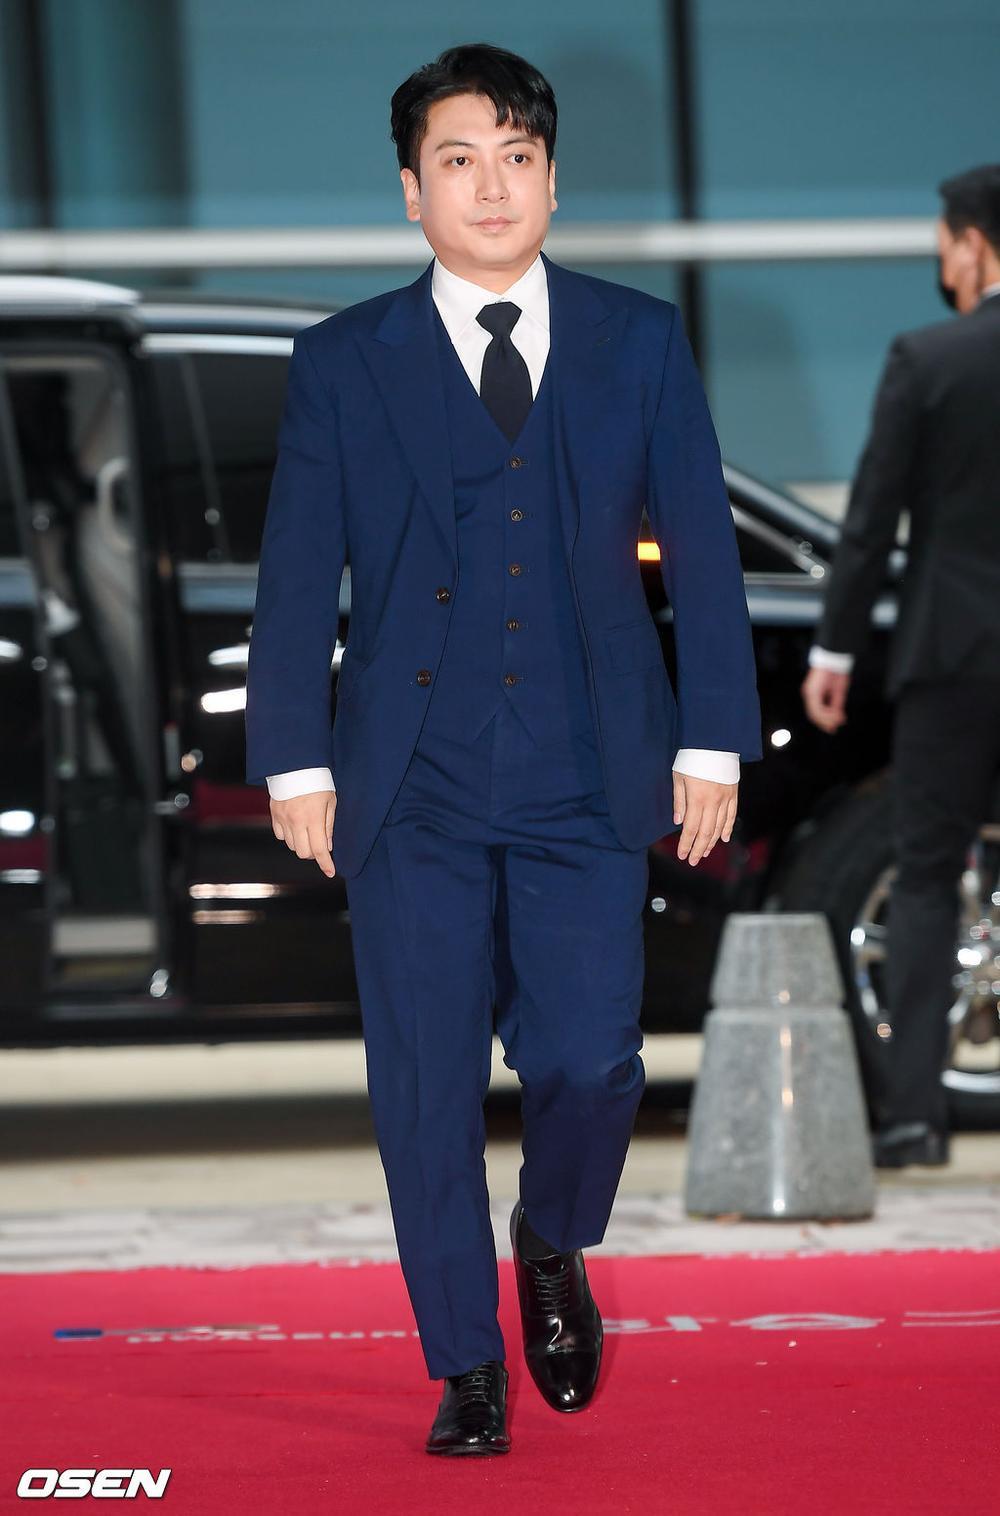 'Buil Film Awards 2020': Điên nữ Seo Ye Ji khoe ngực khủng, xuất thần cùng Lee Byung Hun trên thảm đỏ Ảnh 14